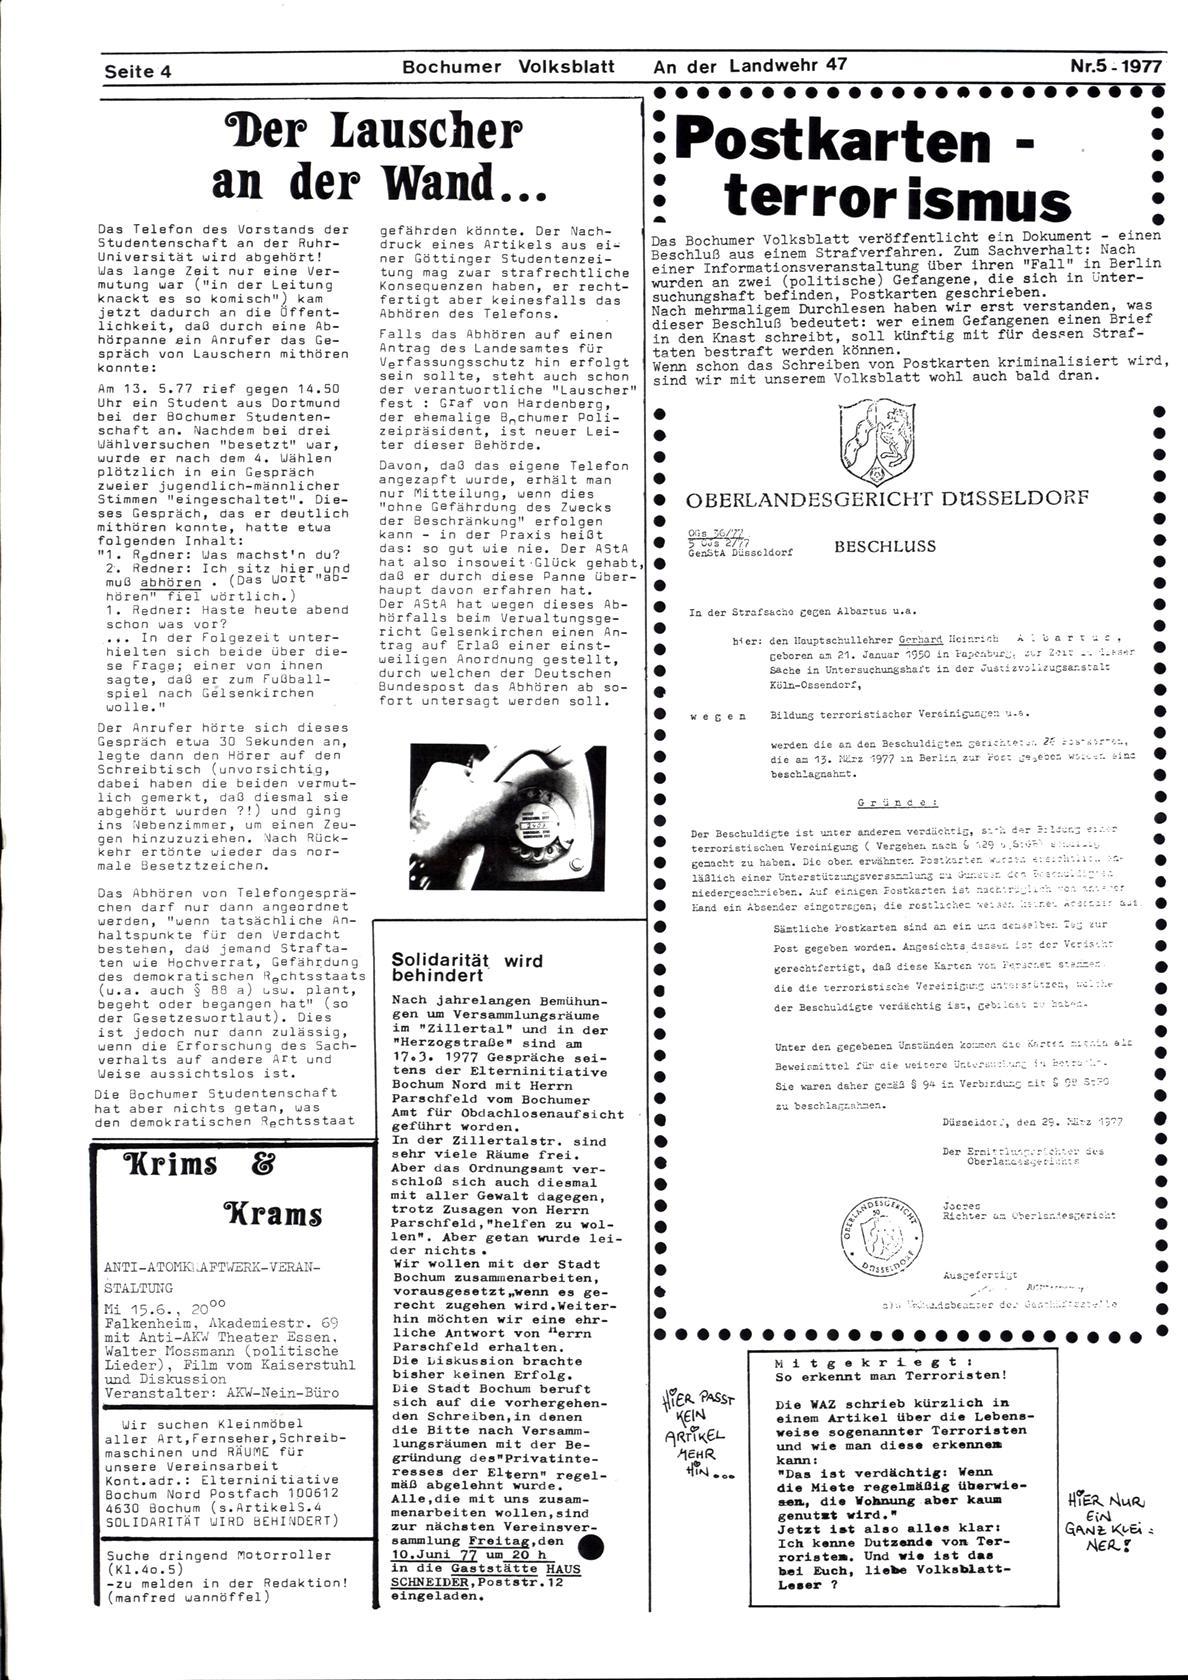 Bochum_Volksblatt_19770600_05_04